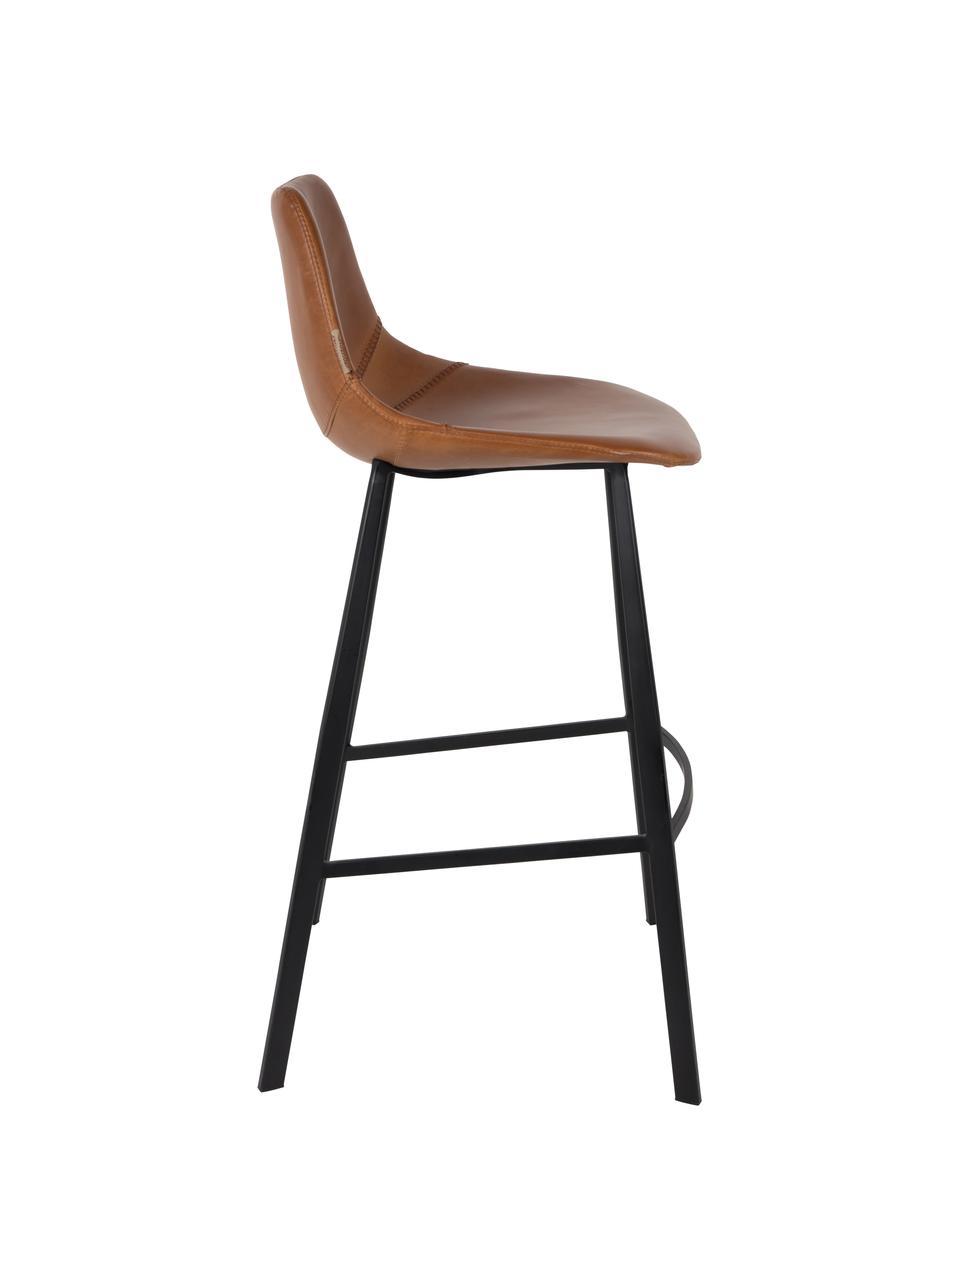 Barová židle z umělé kůže Franky, Nohy: černá Potah: hnědá